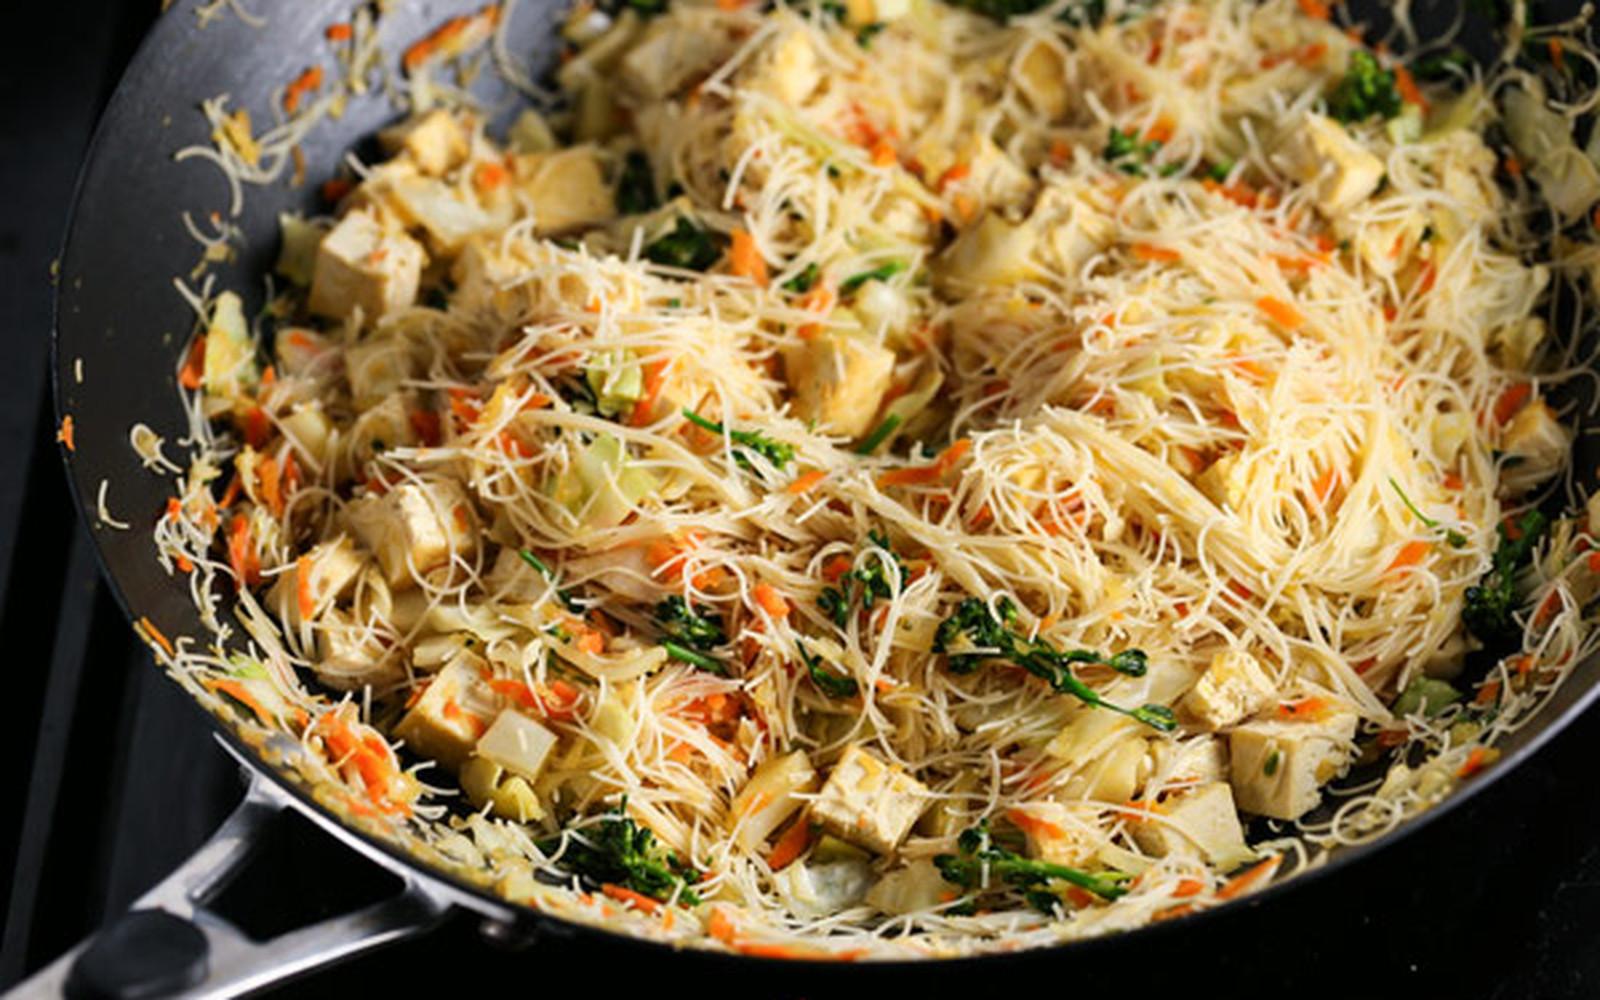 pancit filipino noodles